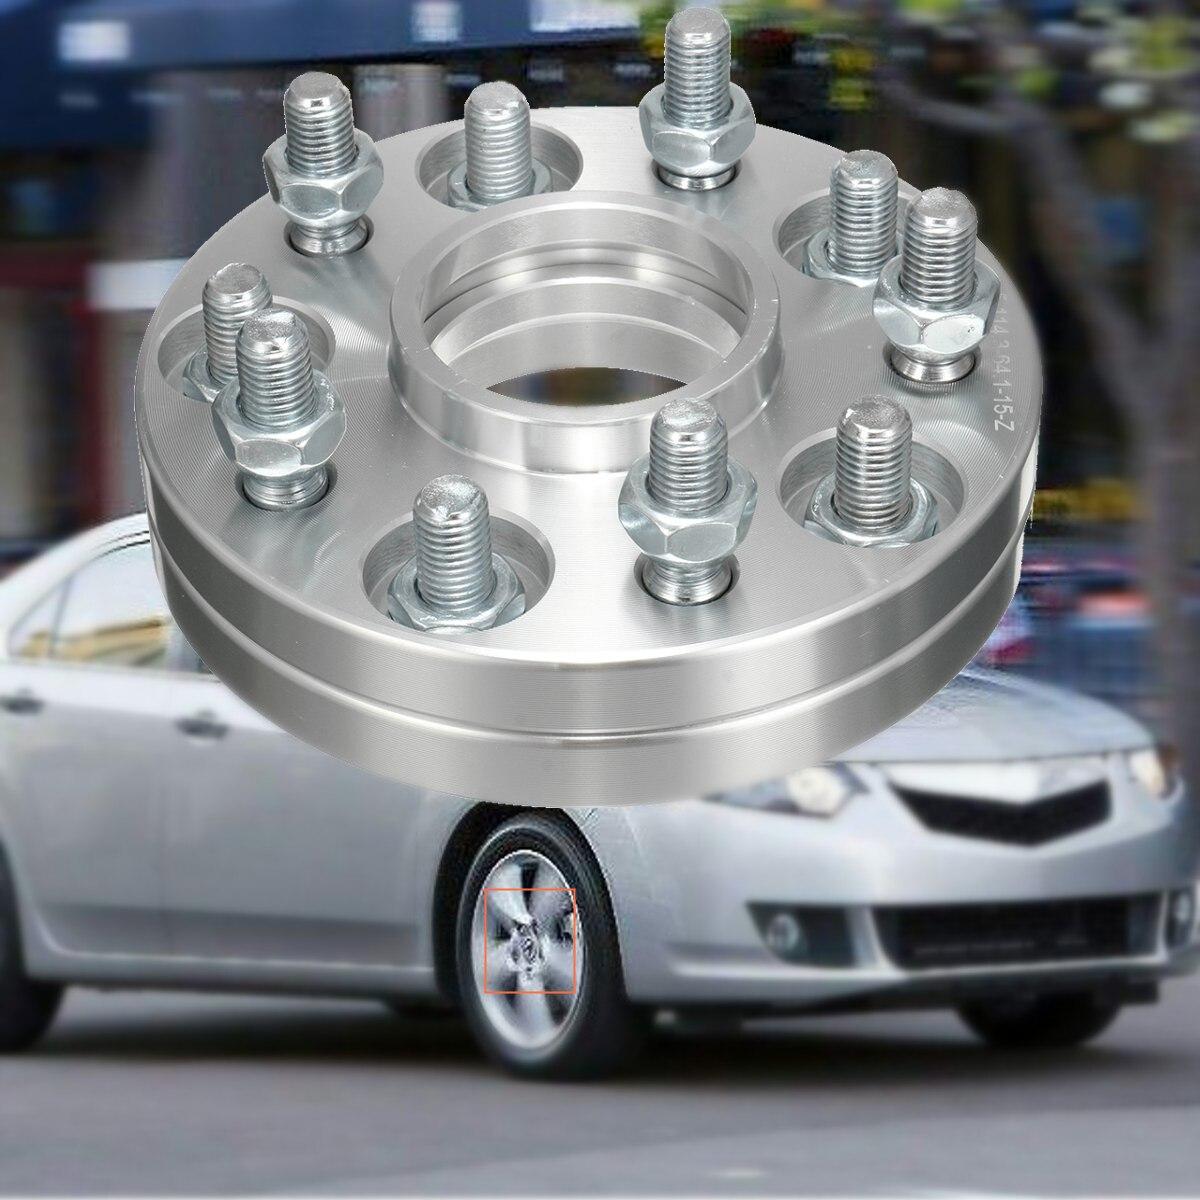 2 uds par personalizado 5x114,3 15MM 64,1mm Hubcentric rueda espaciador adaptadores para Honda para Acura-in Accesorios de neumáticos from Automóviles y motocicletas